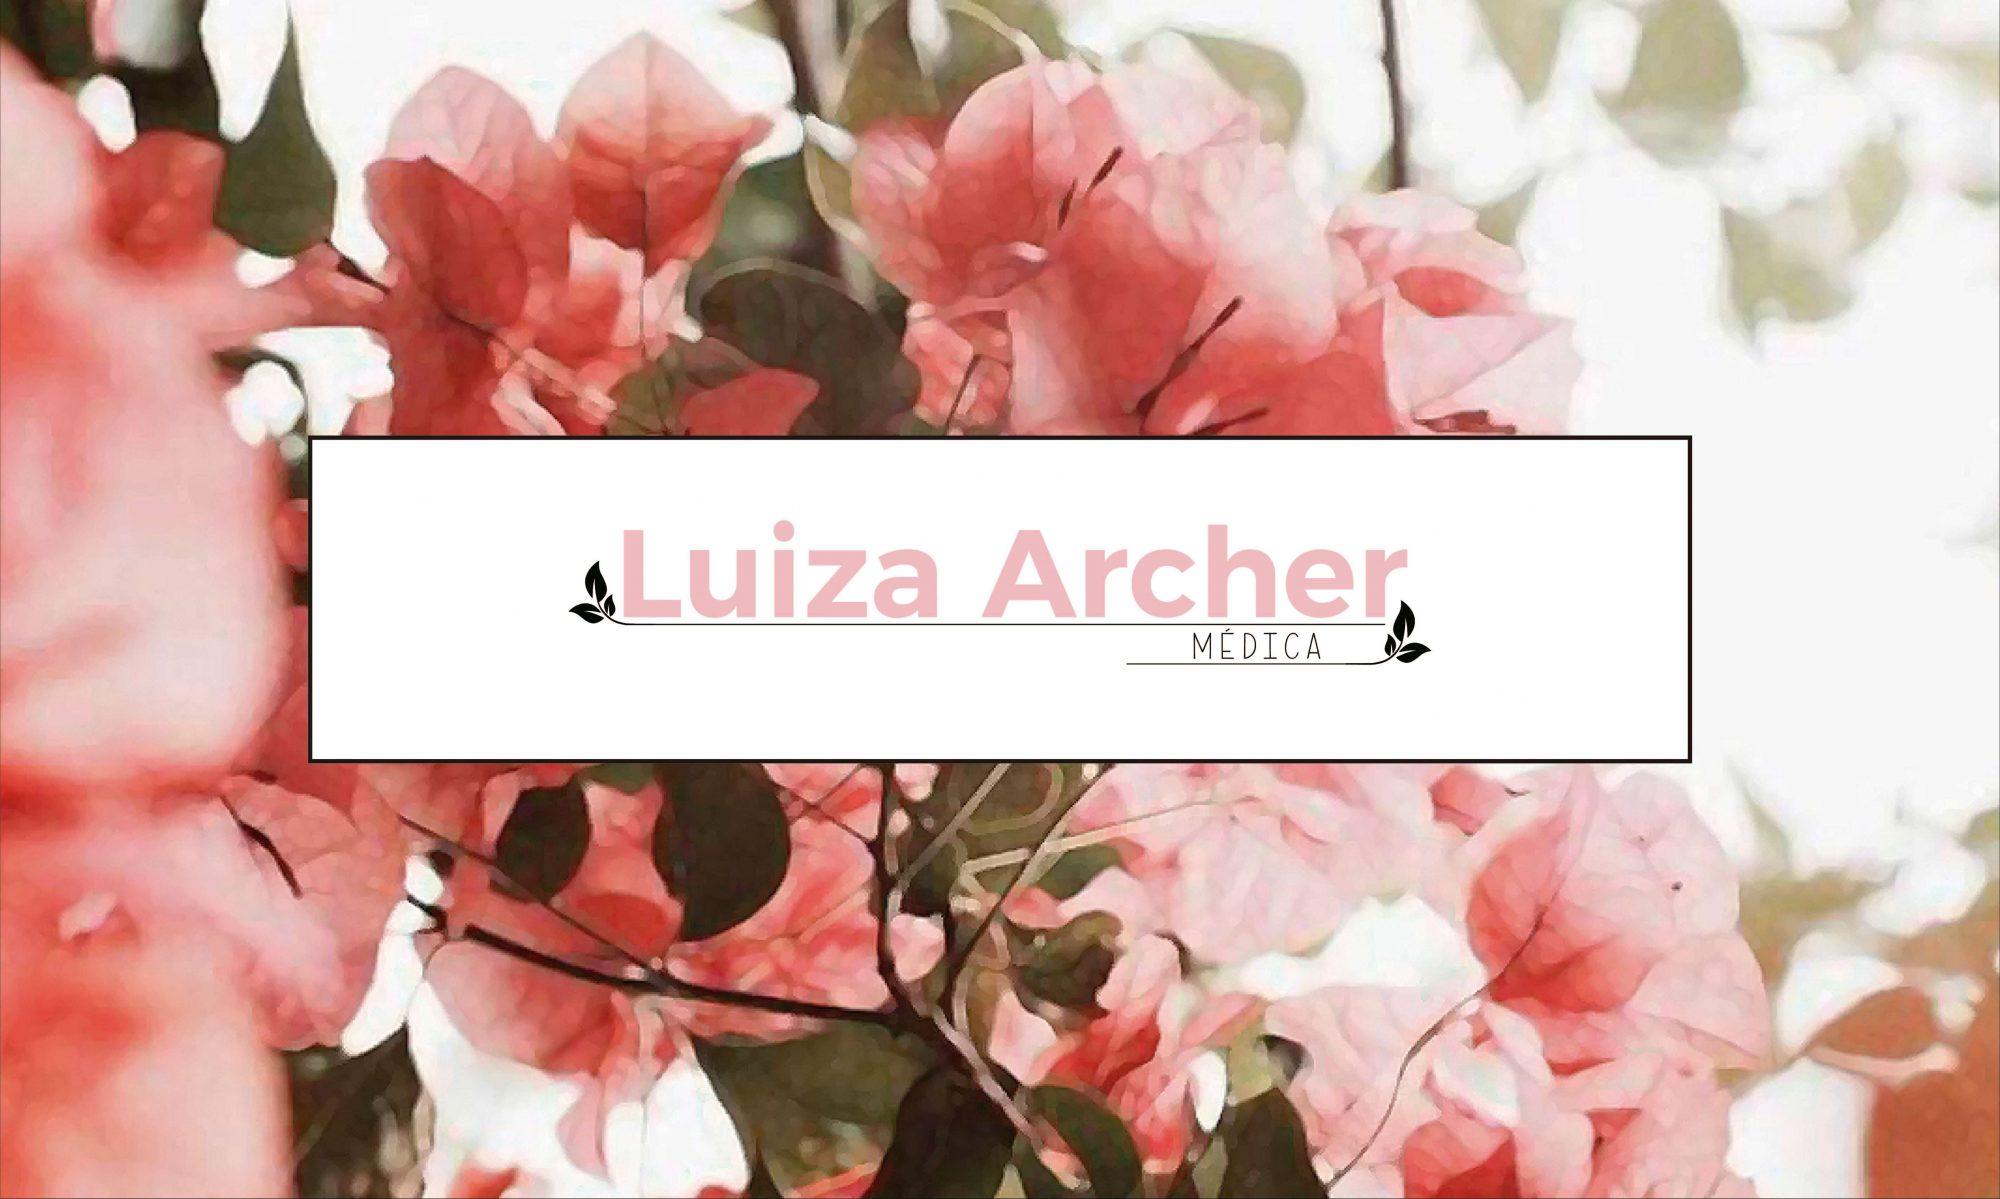 Dra Luiza Archer